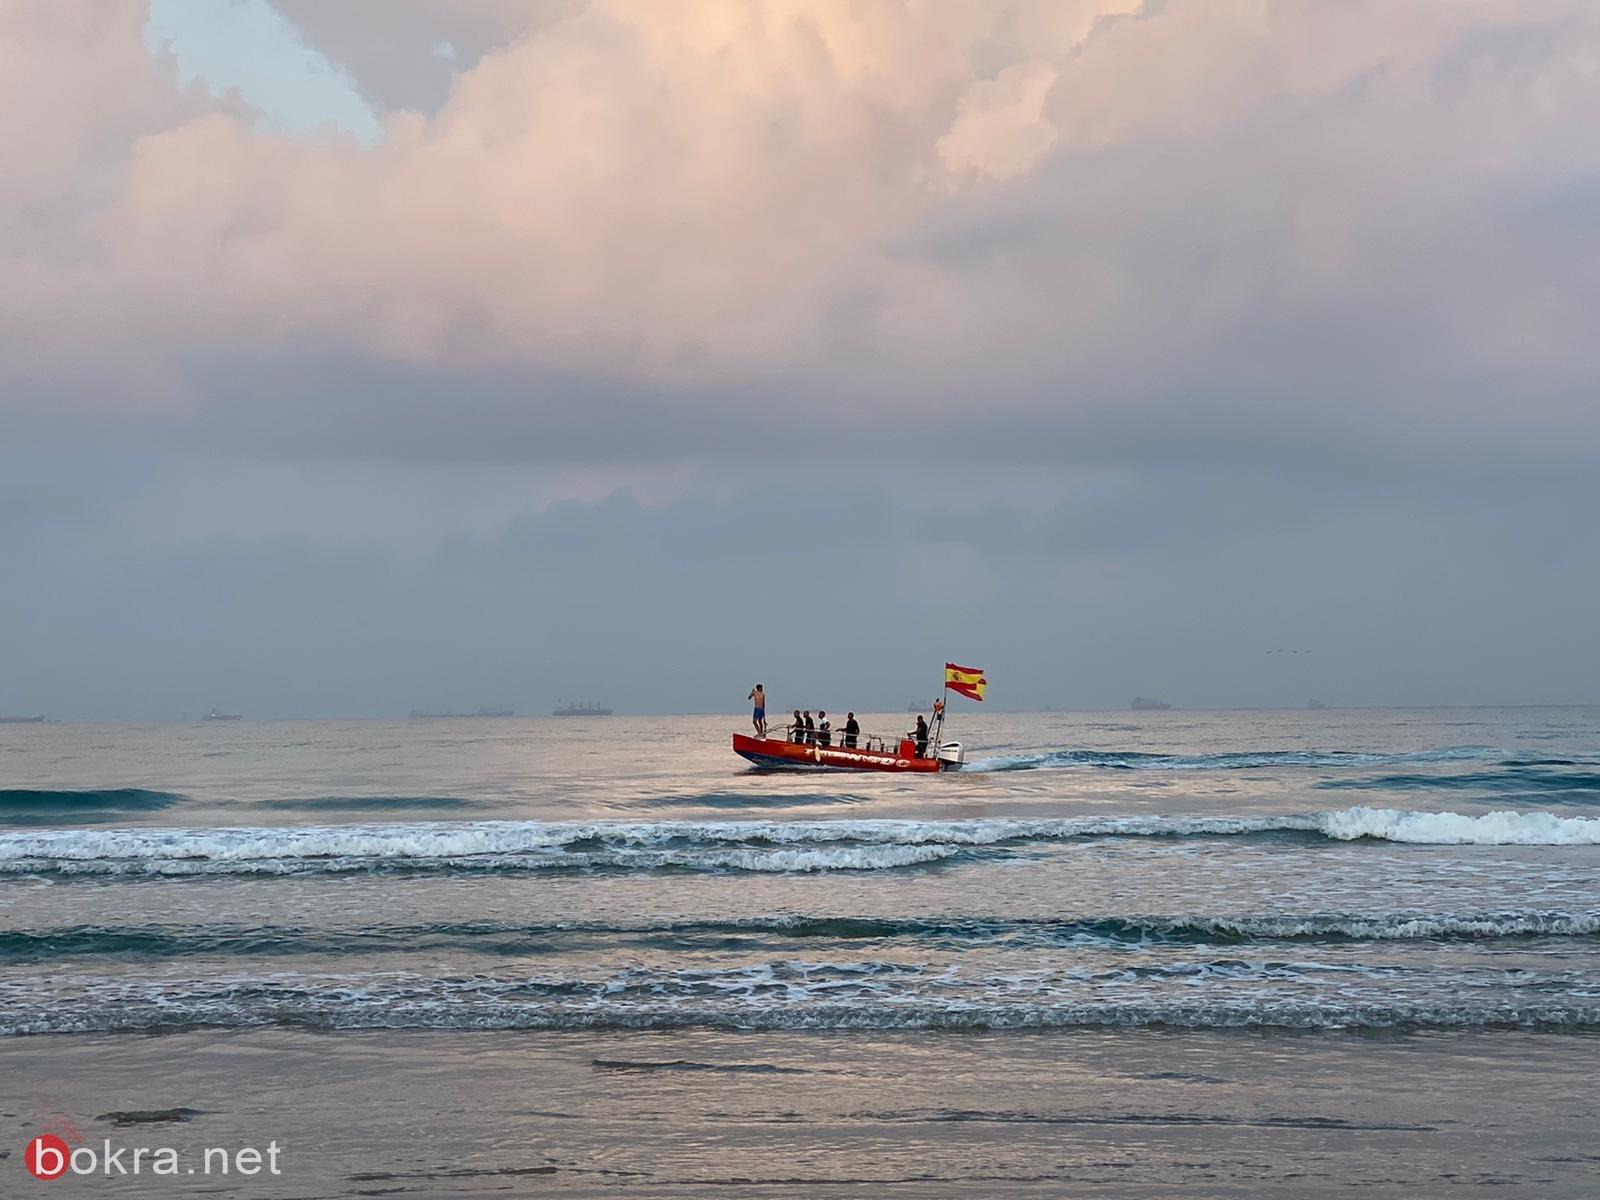 """مصرع سامر مقازحة(46 عامًا) من الناصرة وابنه (10 سنوات) غرقا في شاطئ """"هتمريم""""في عكا-0"""